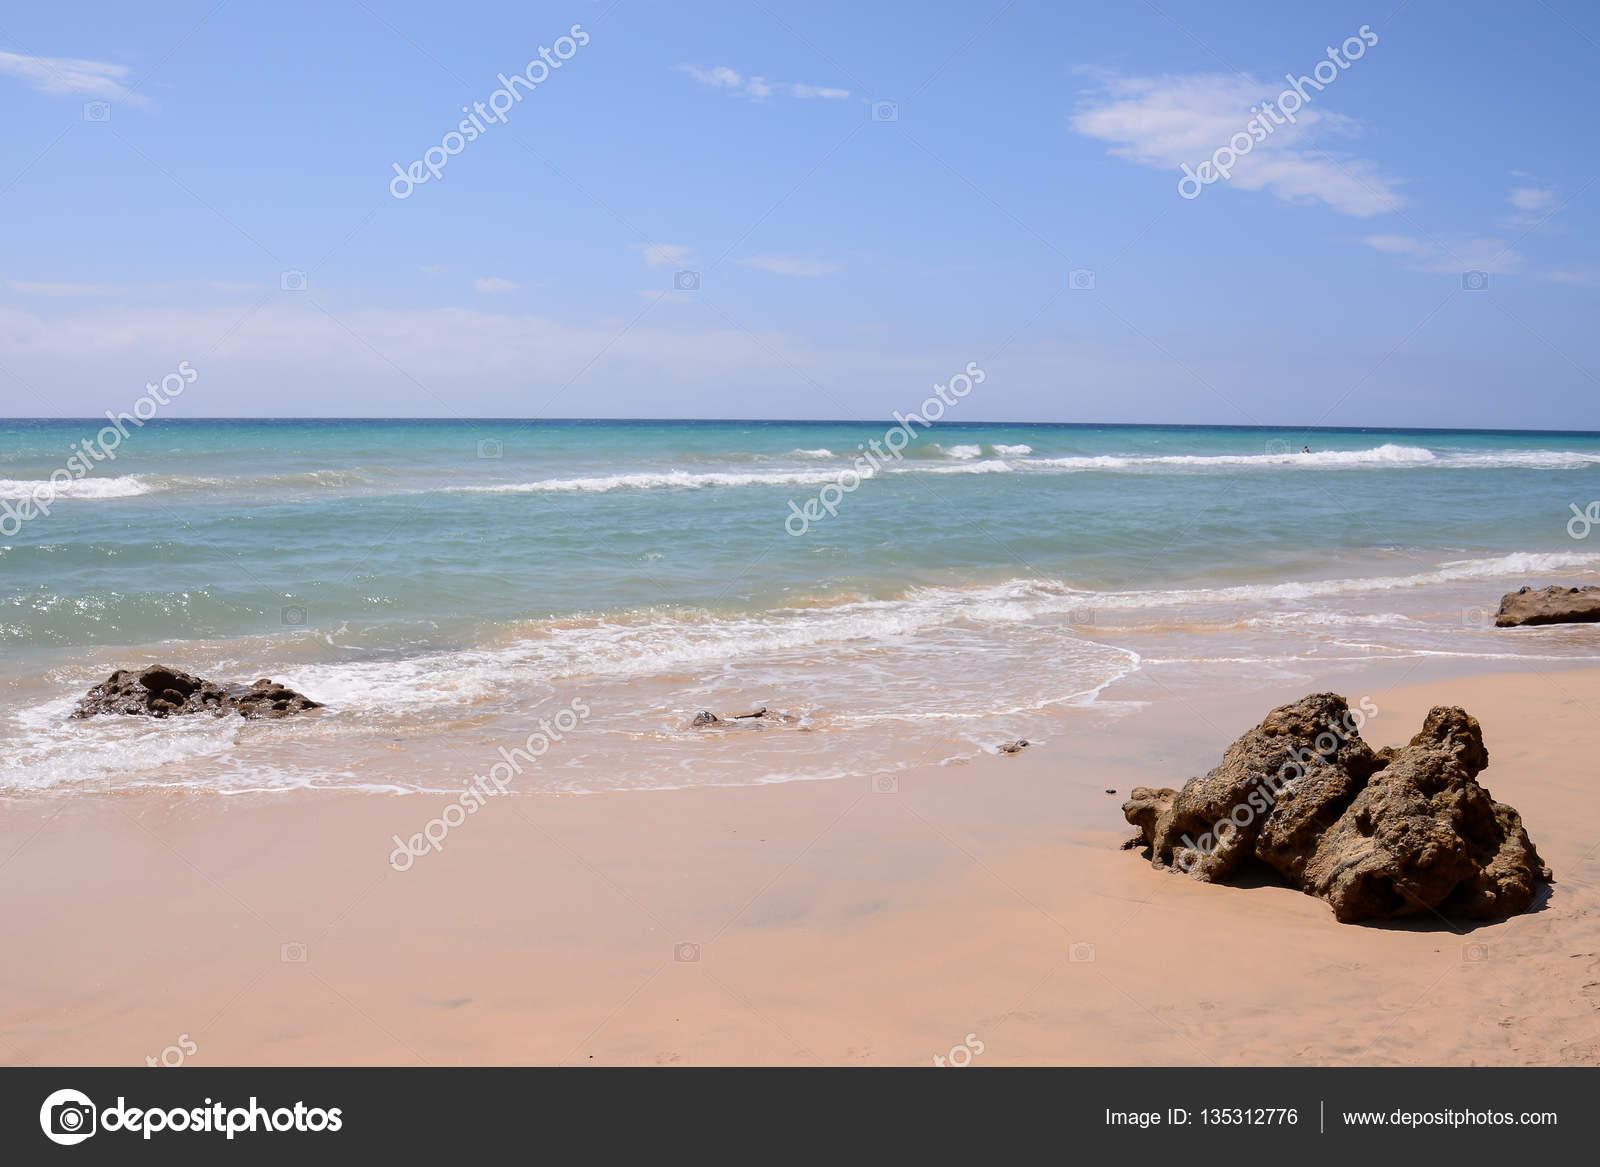 Песок океанический купить есть ли гарантия качества на нерудные материалы